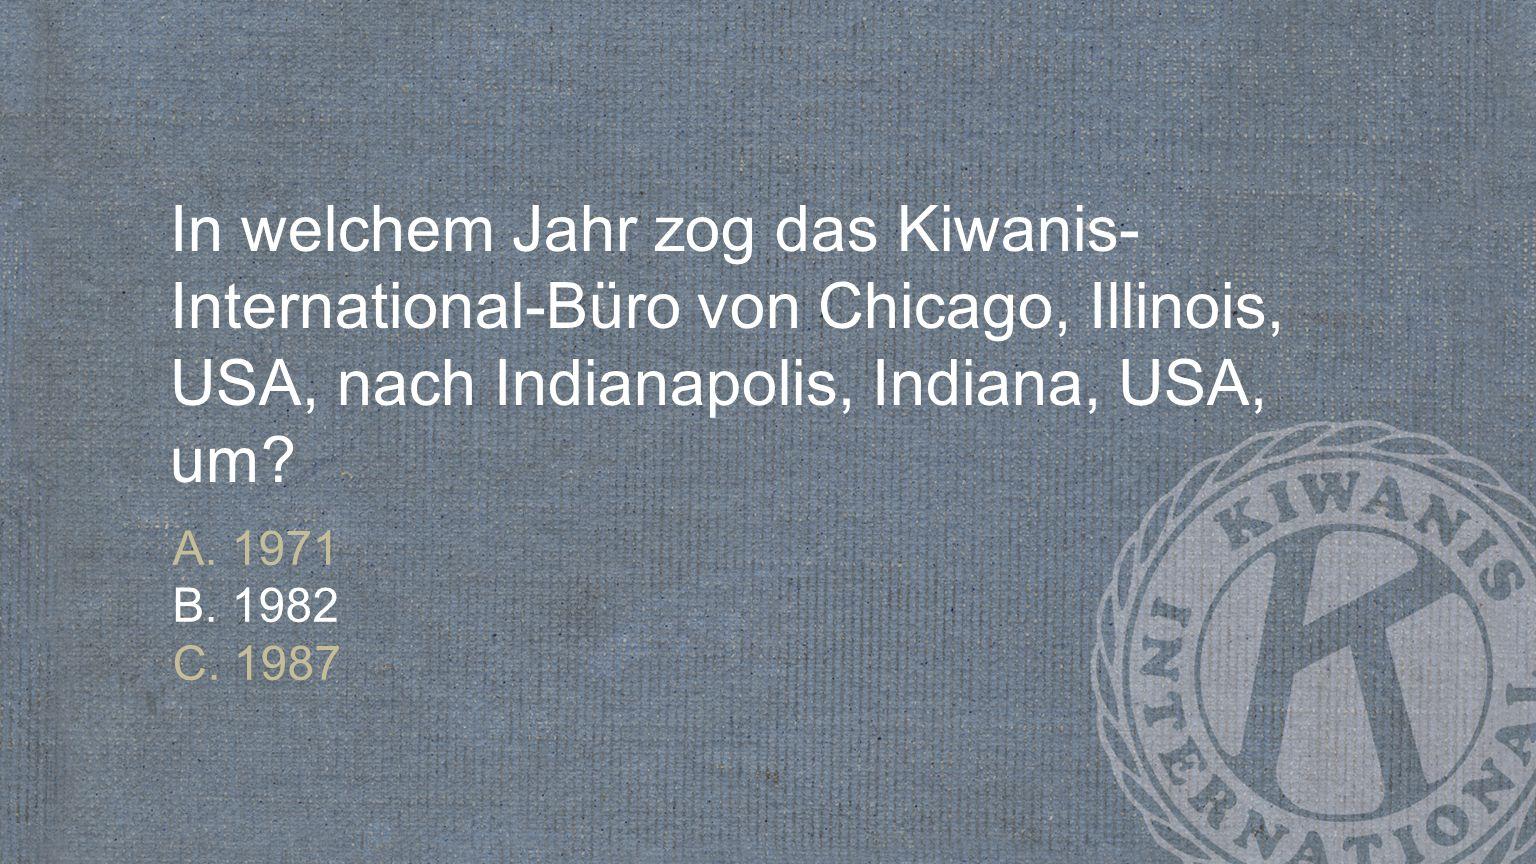 In welchem Jahr zog das Kiwanis-International-Büro von Chicago, Illinois, USA, nach Indianapolis, Indiana, USA, um